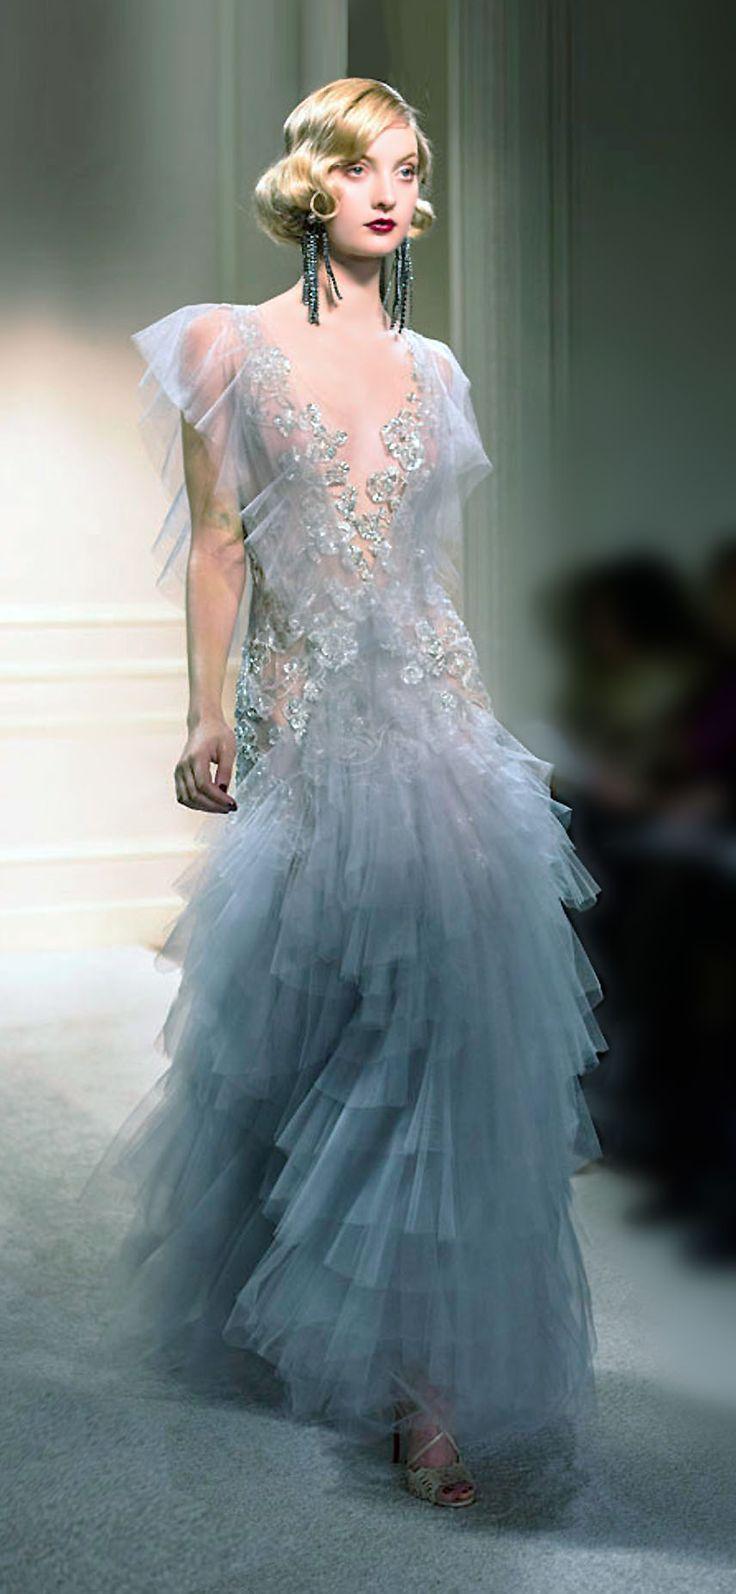 Wedding - Blue Bridal Dress